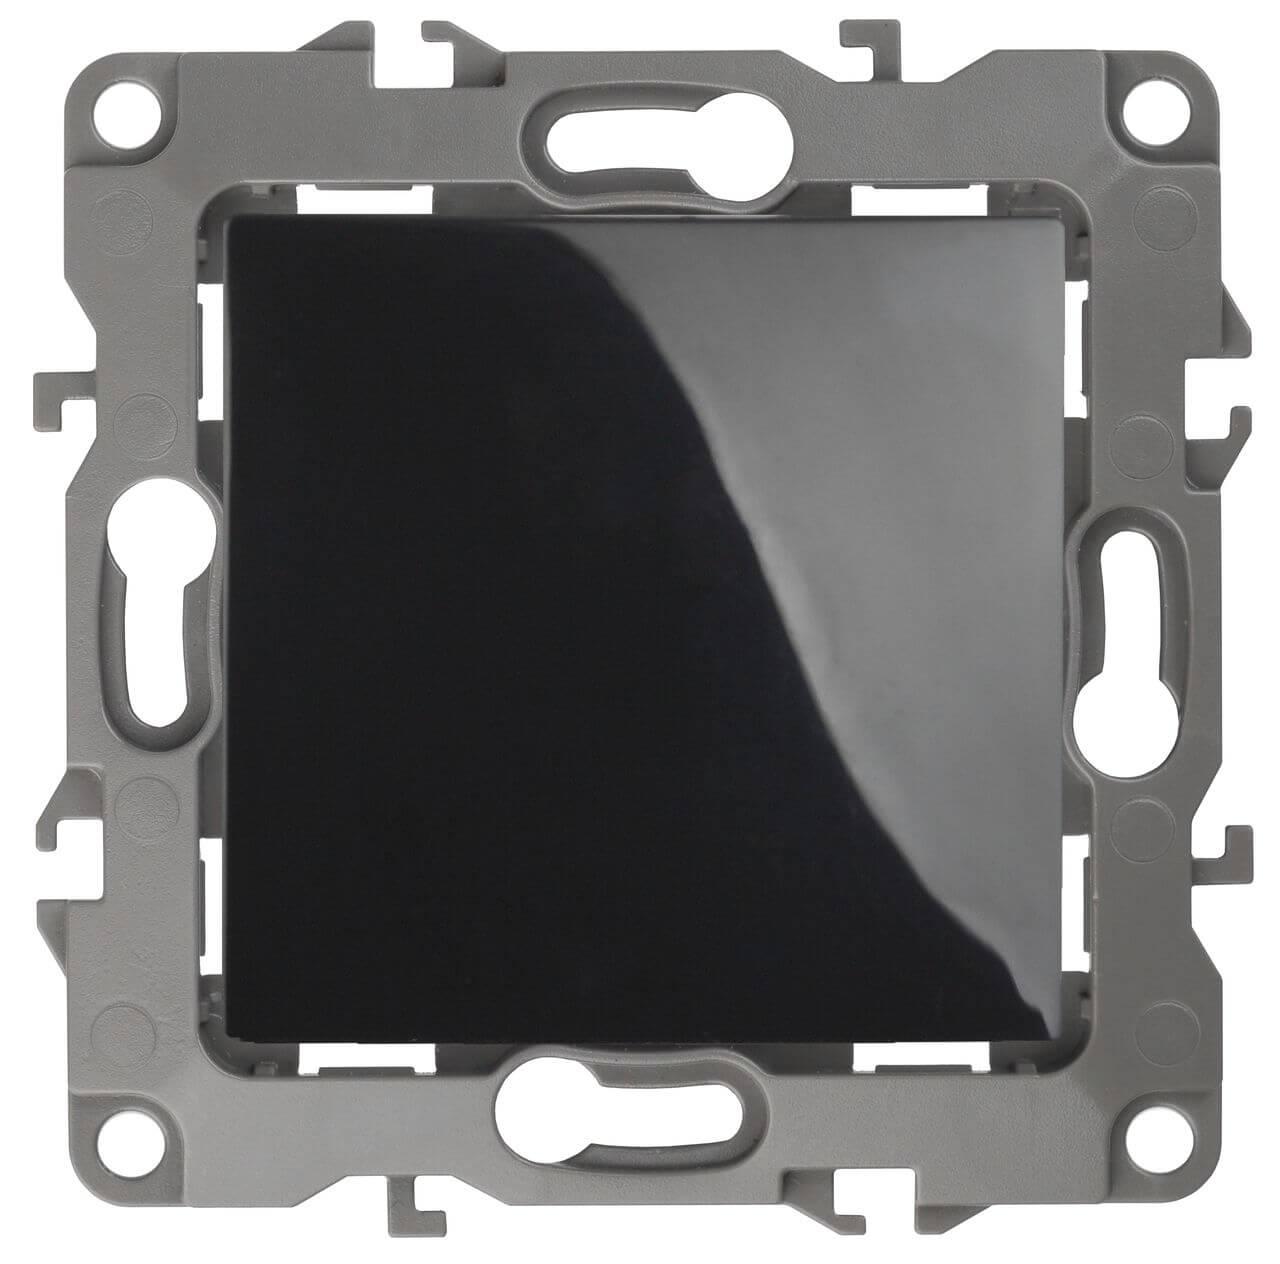 Выключатель одноклавишный ЭРА 12 10AX 250V 12-1001-06